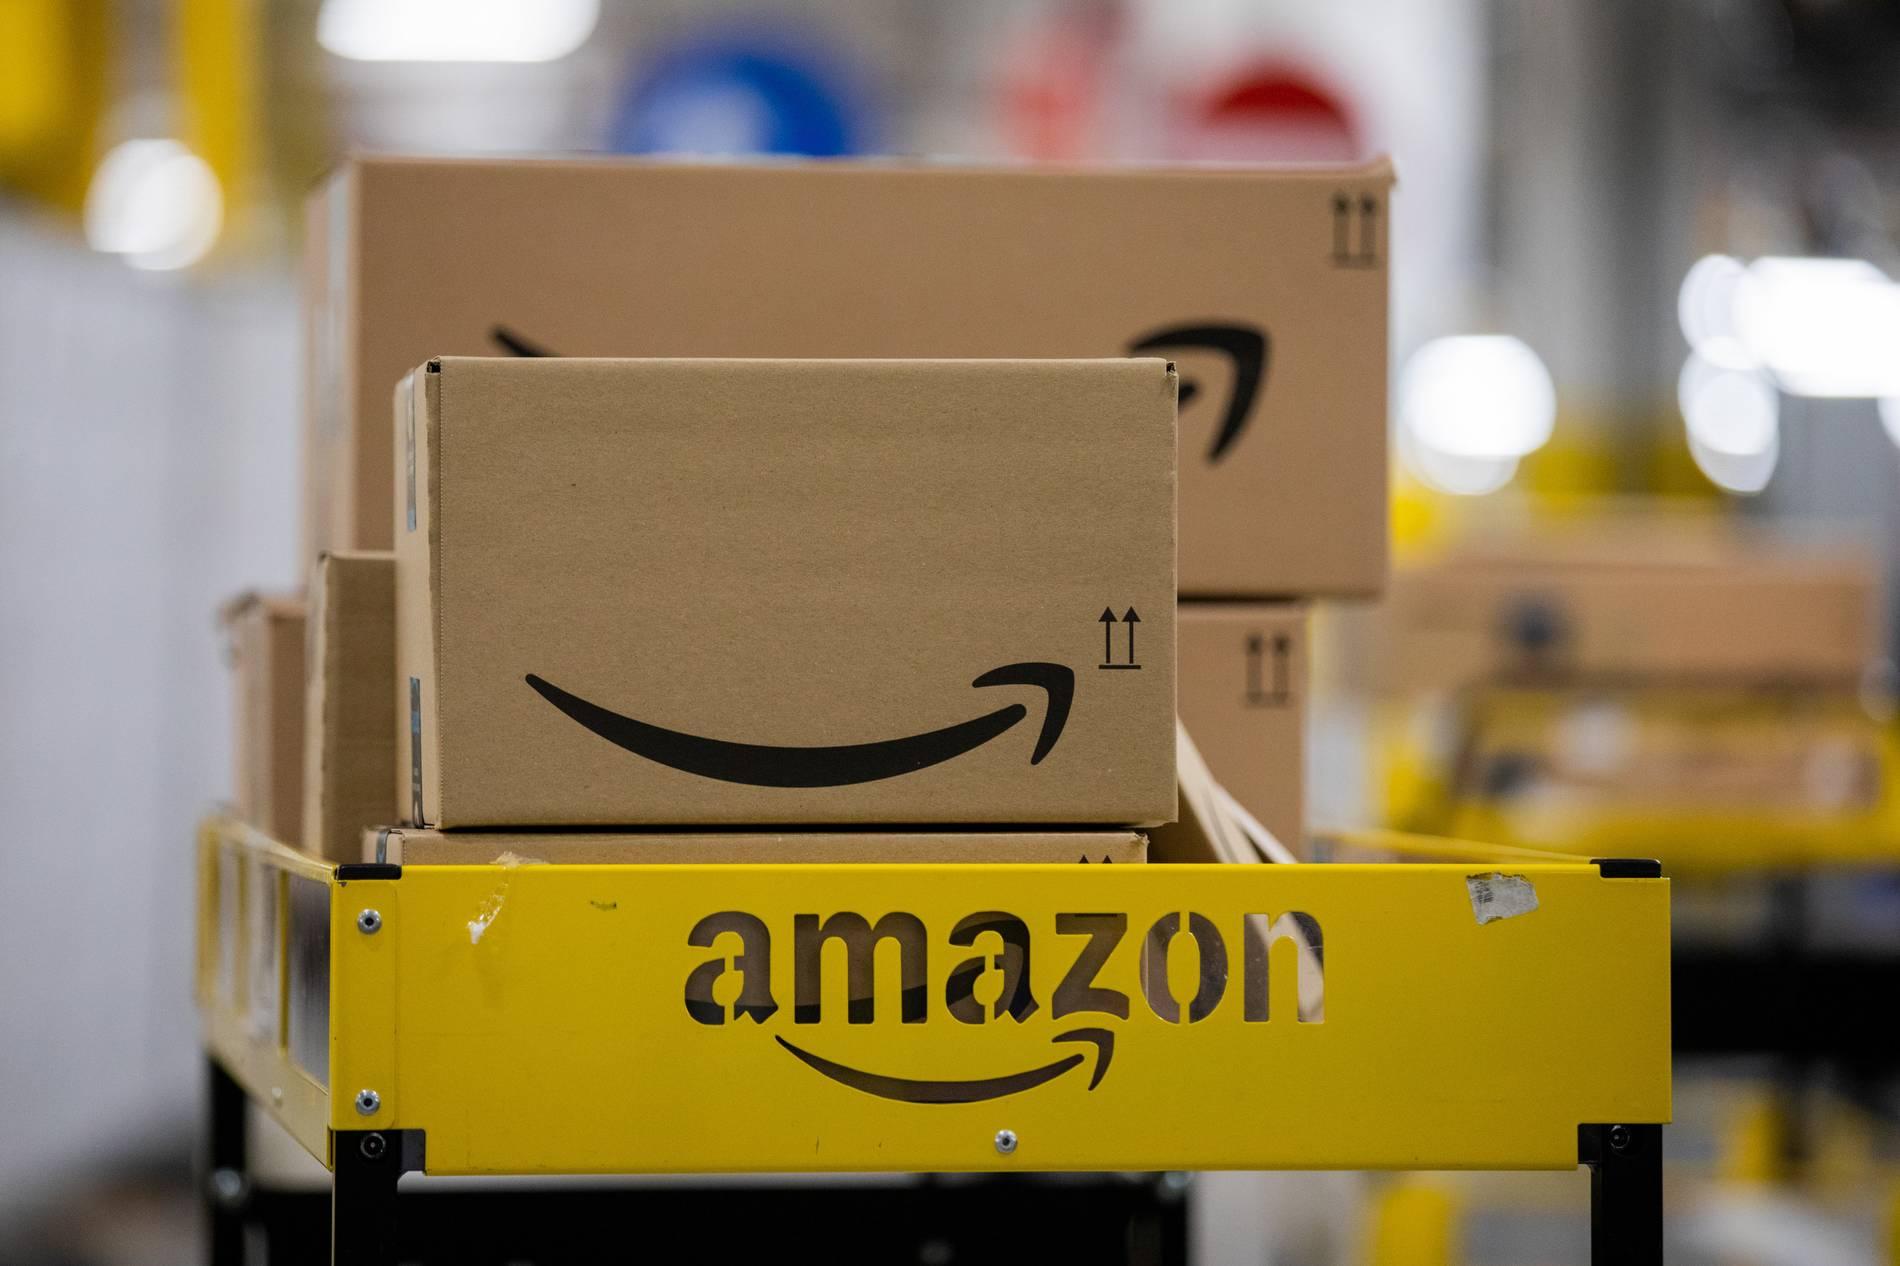 Amazon macht pro Tag im Schnitt 31 Millionen Euro Umsatz